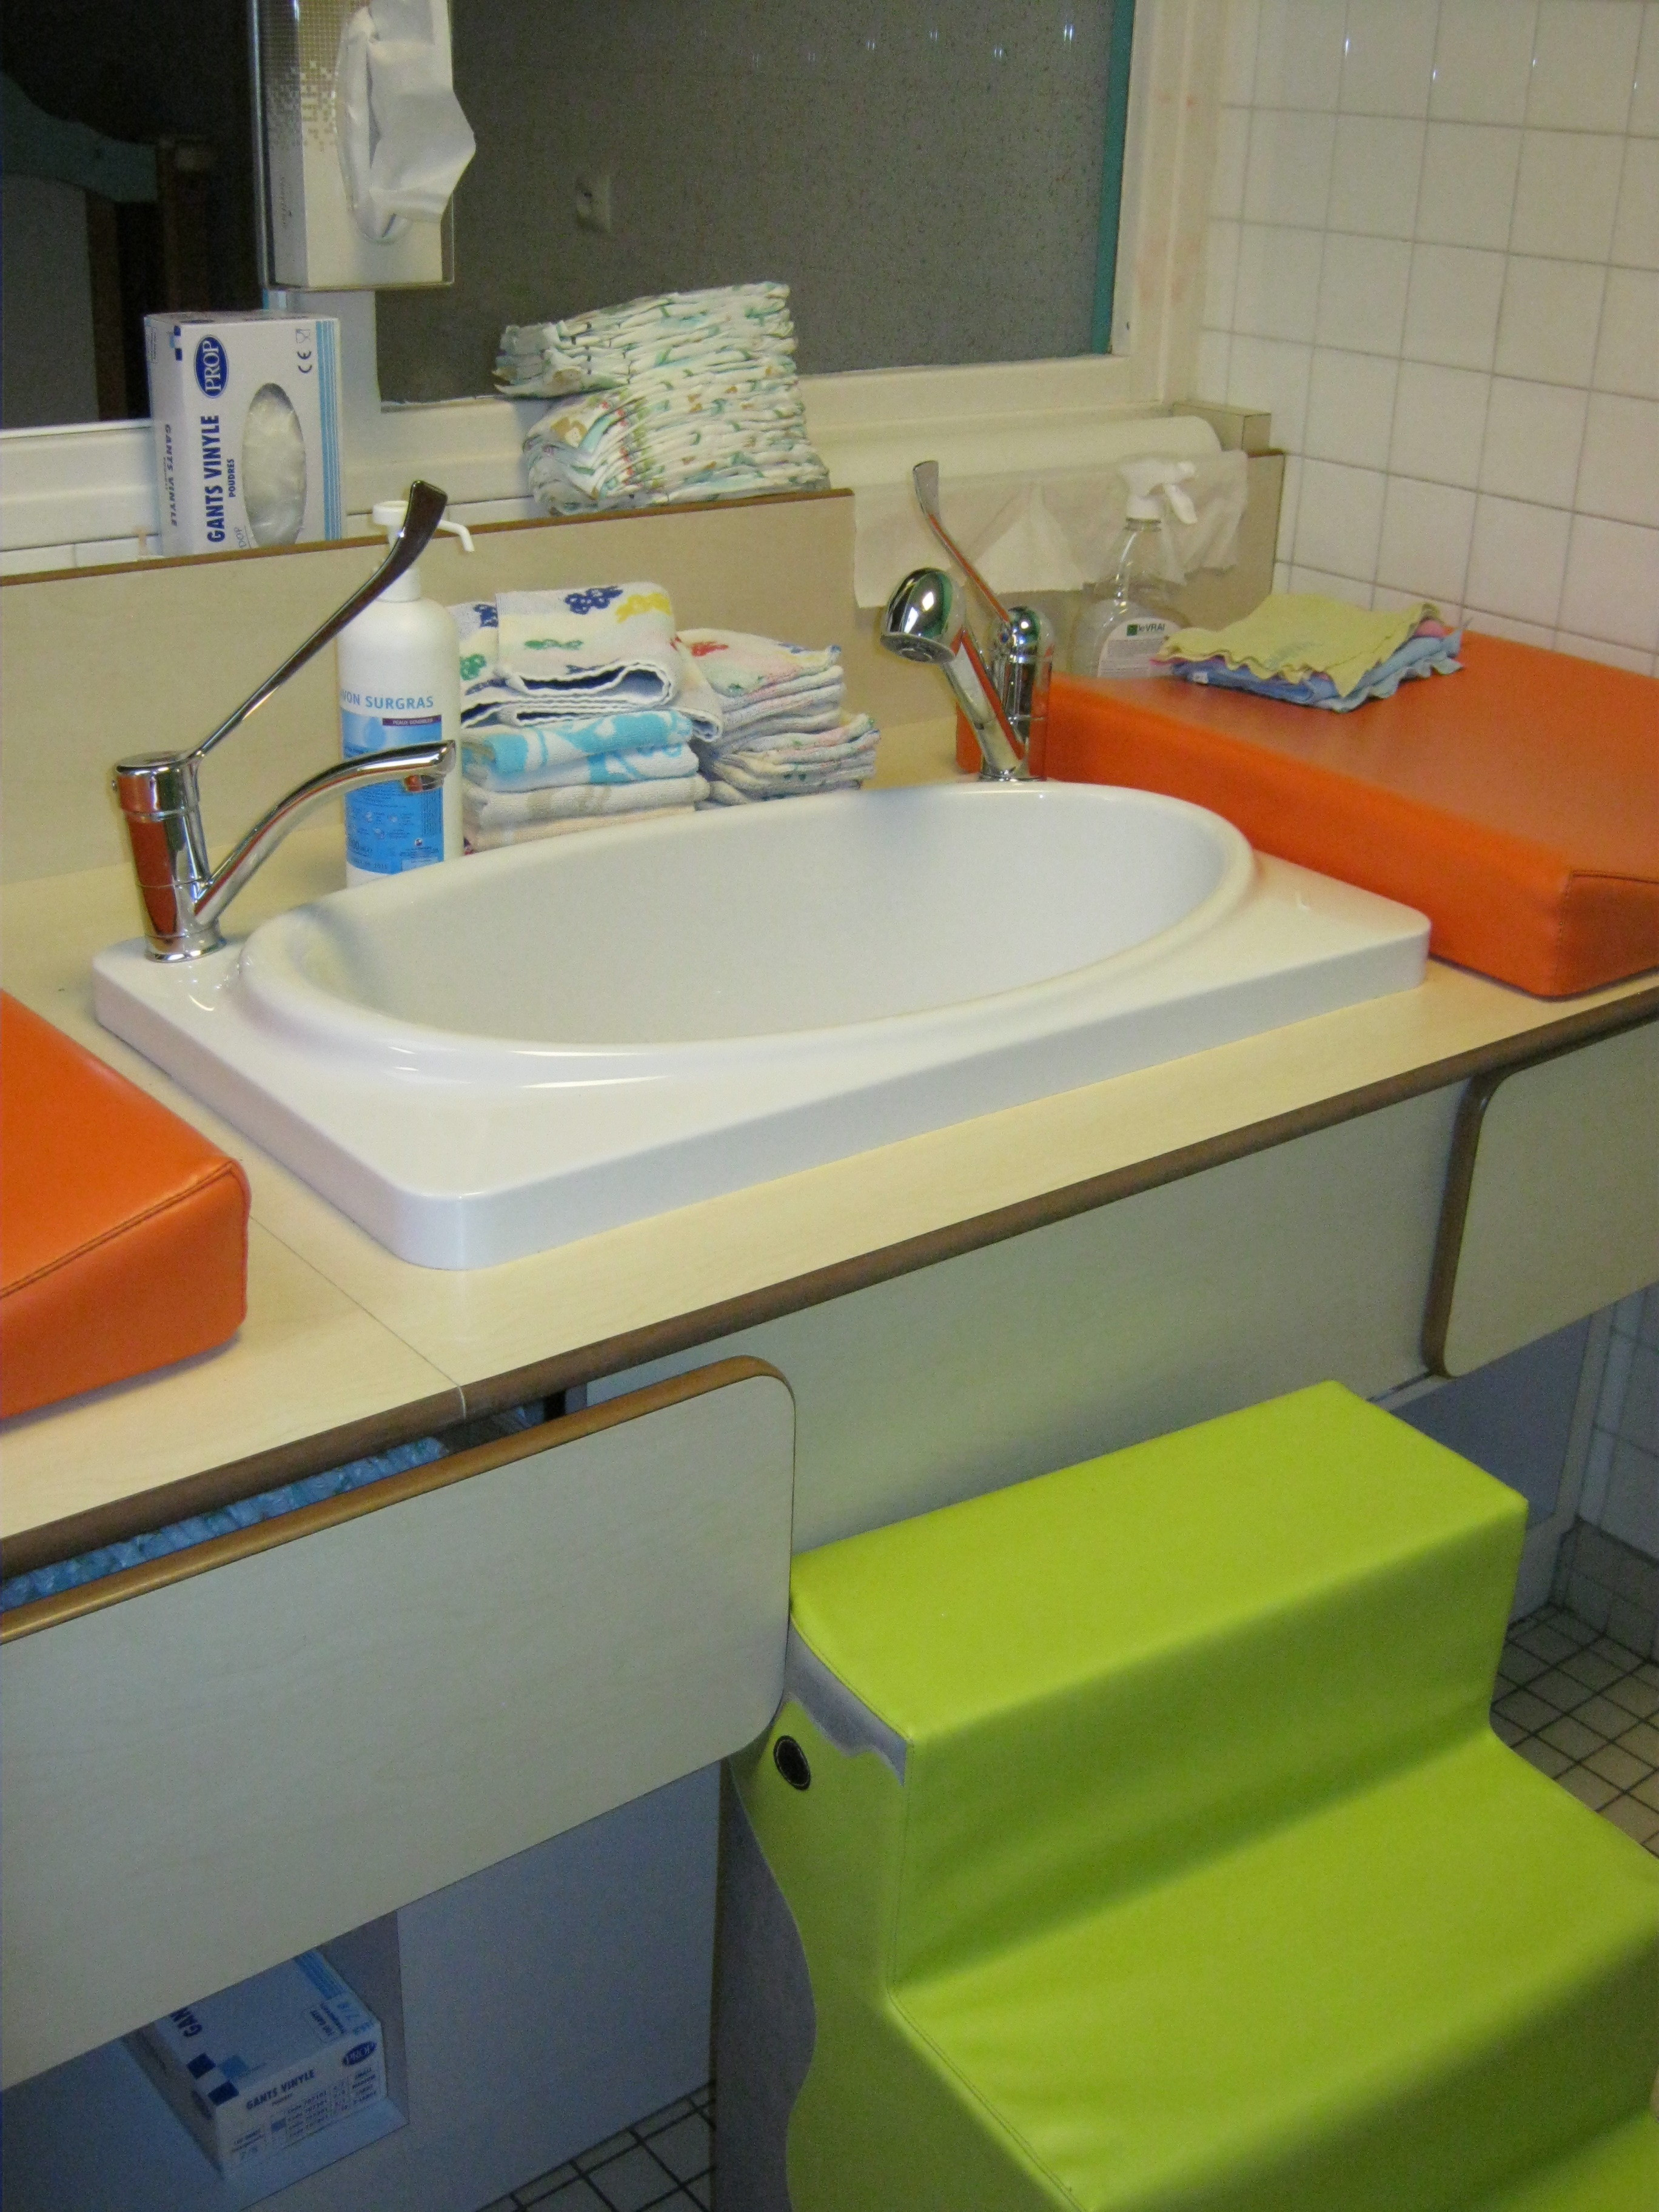 Design faience mosaique salle de bain moderne calais for Faience salle de bain mosaique